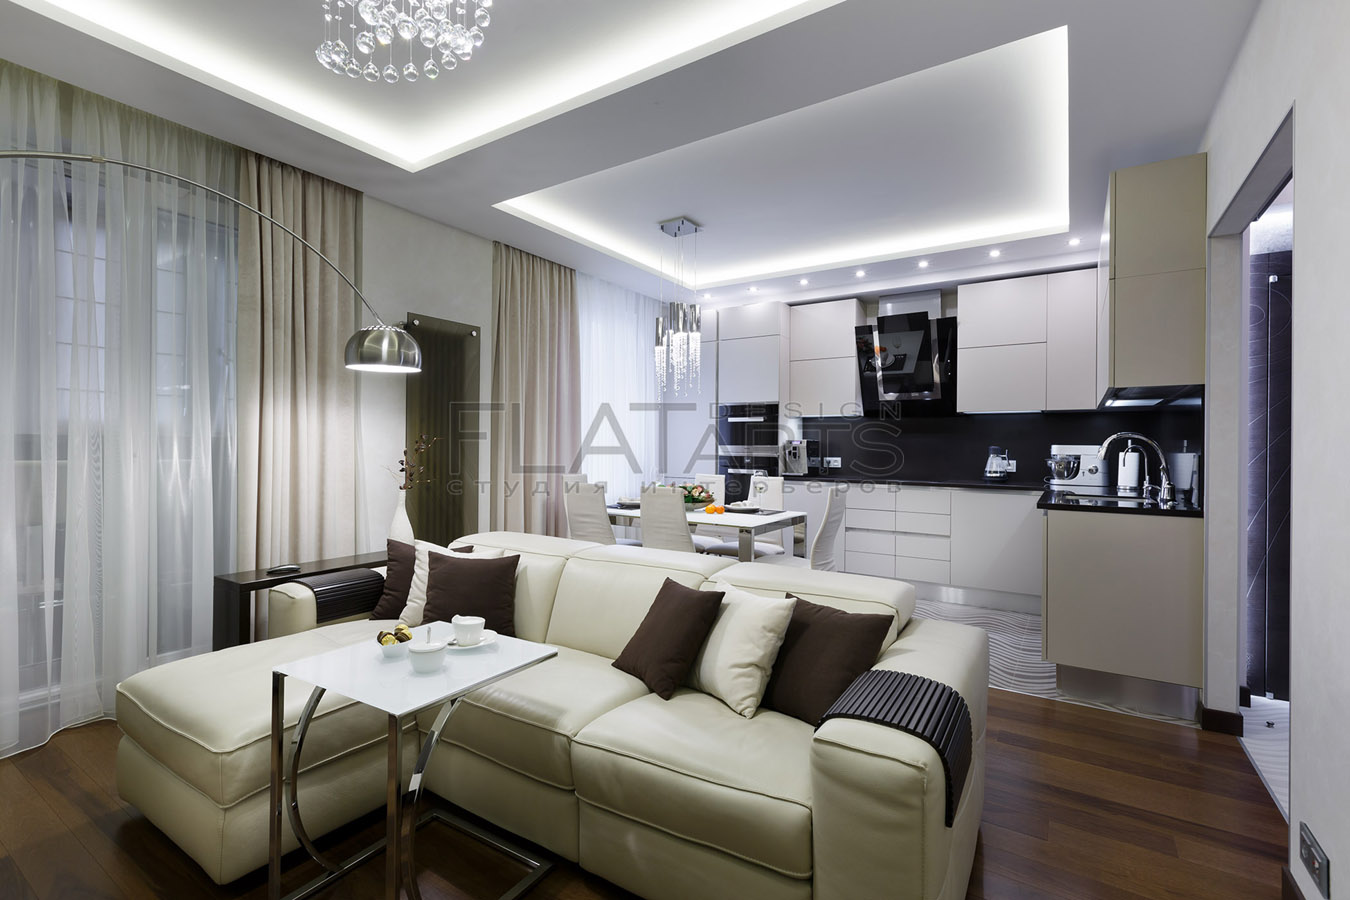 Дизайн кухни совмещенной с гостиной фото 40 кв